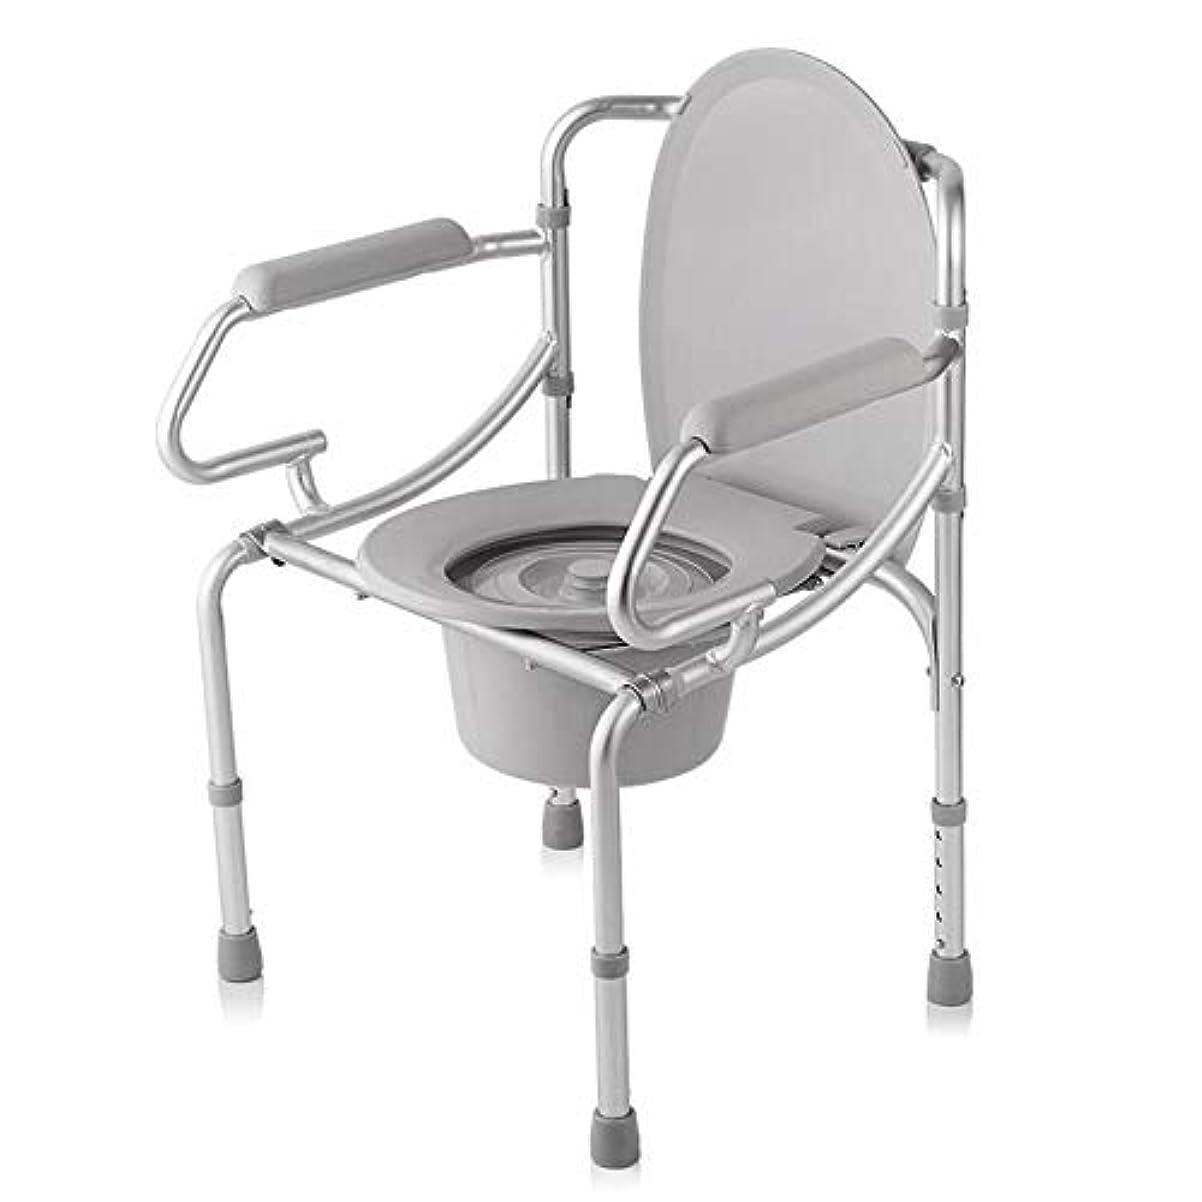 雲恐怖症ながら調節可能な便器椅子、取り外し可能なパッド入りシートとトイレ付きの豪華な折りたたみ軽量便器